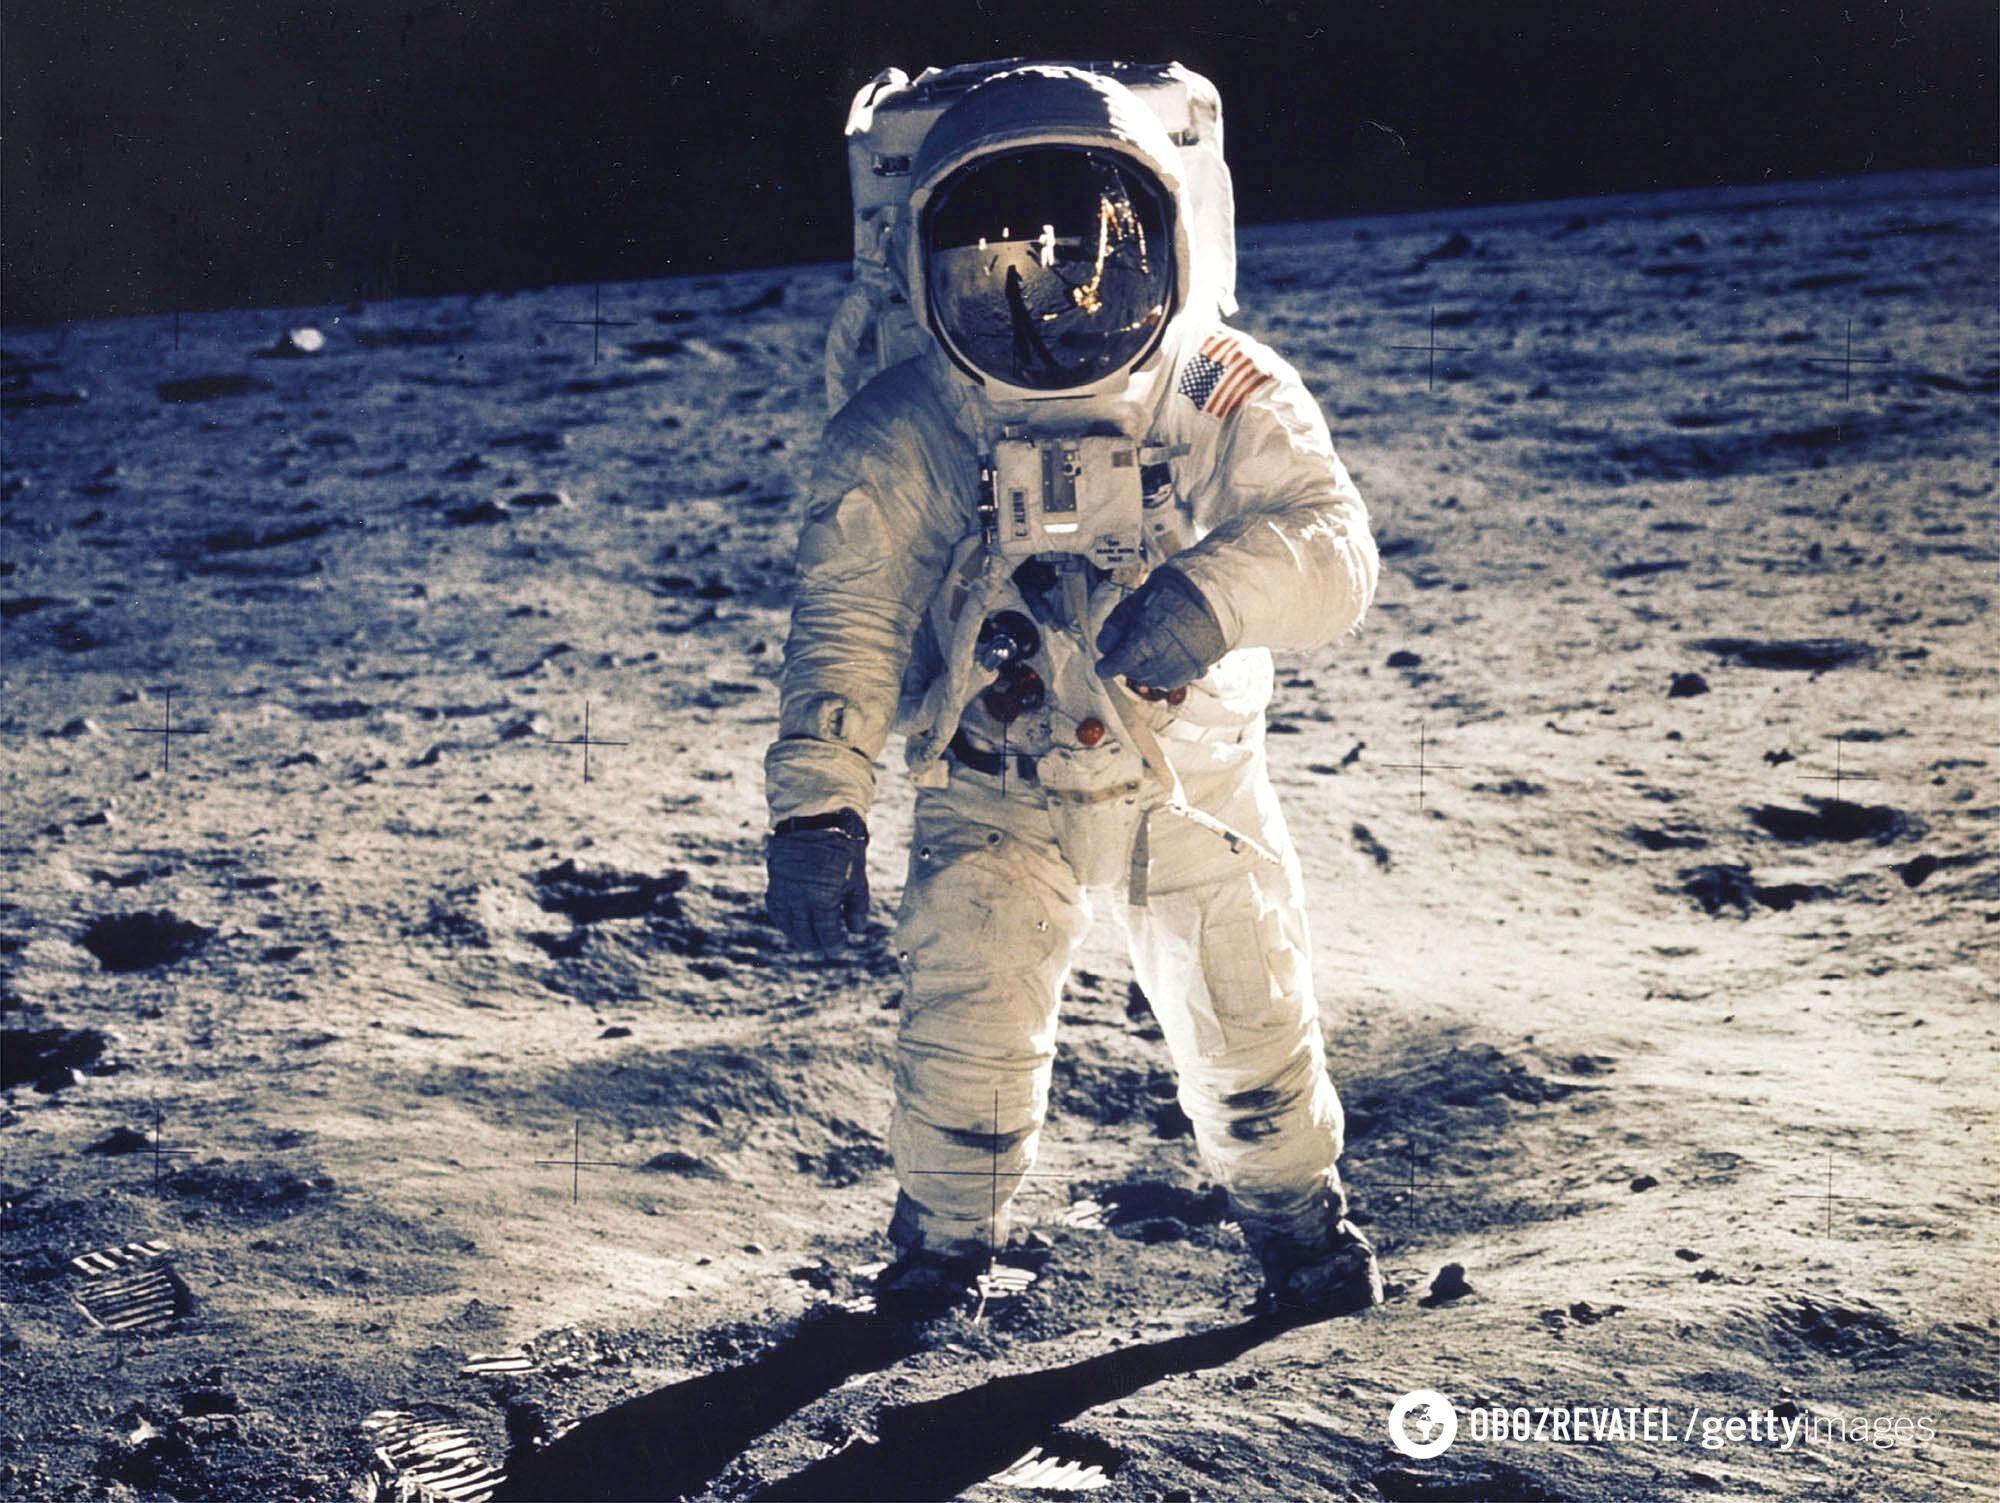 Перша висадка людини на Місяць відбулася 20 липня 1969 року